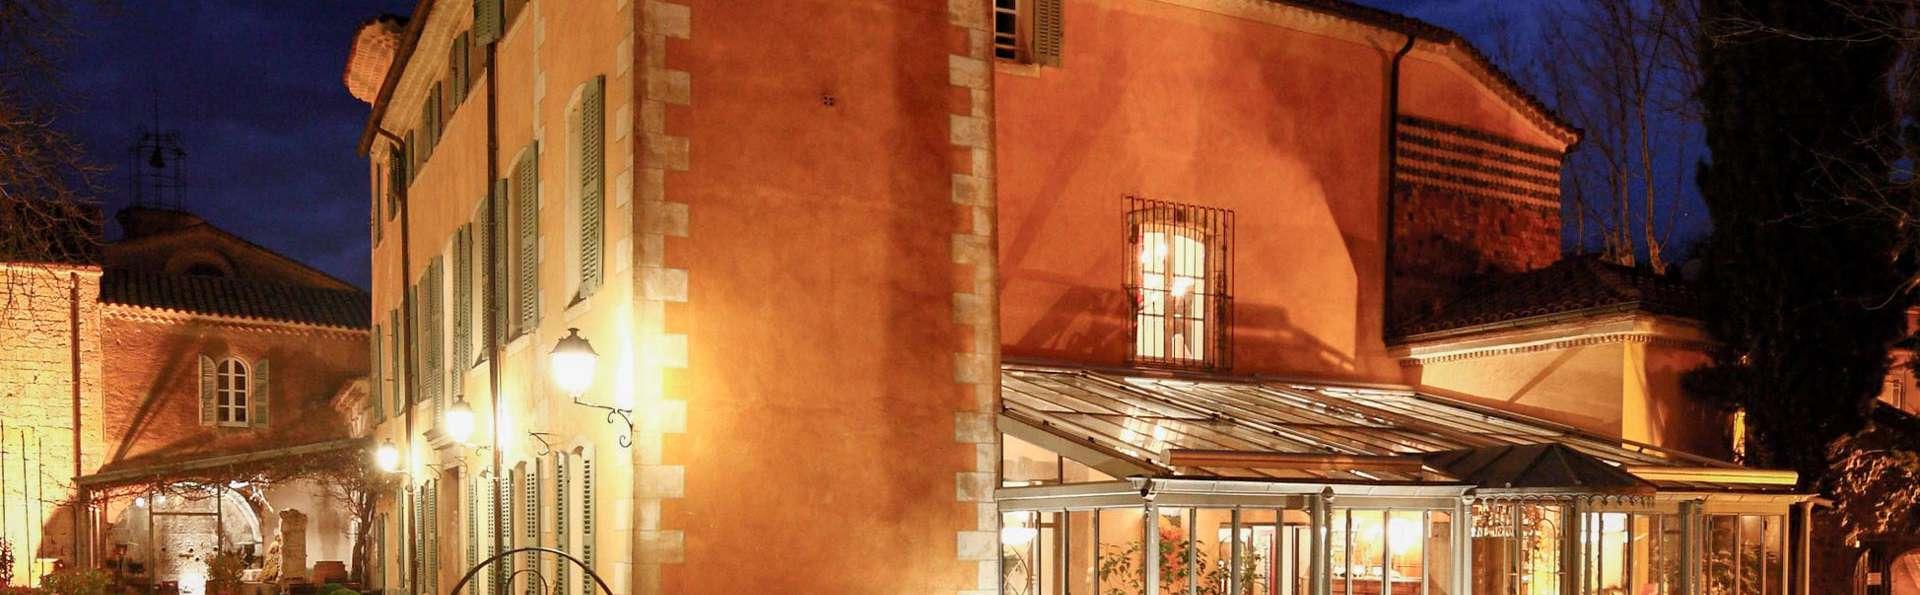 L'Hostellerie de L'Abbaye de la Celle - EDIT_FRONT_01.jpg